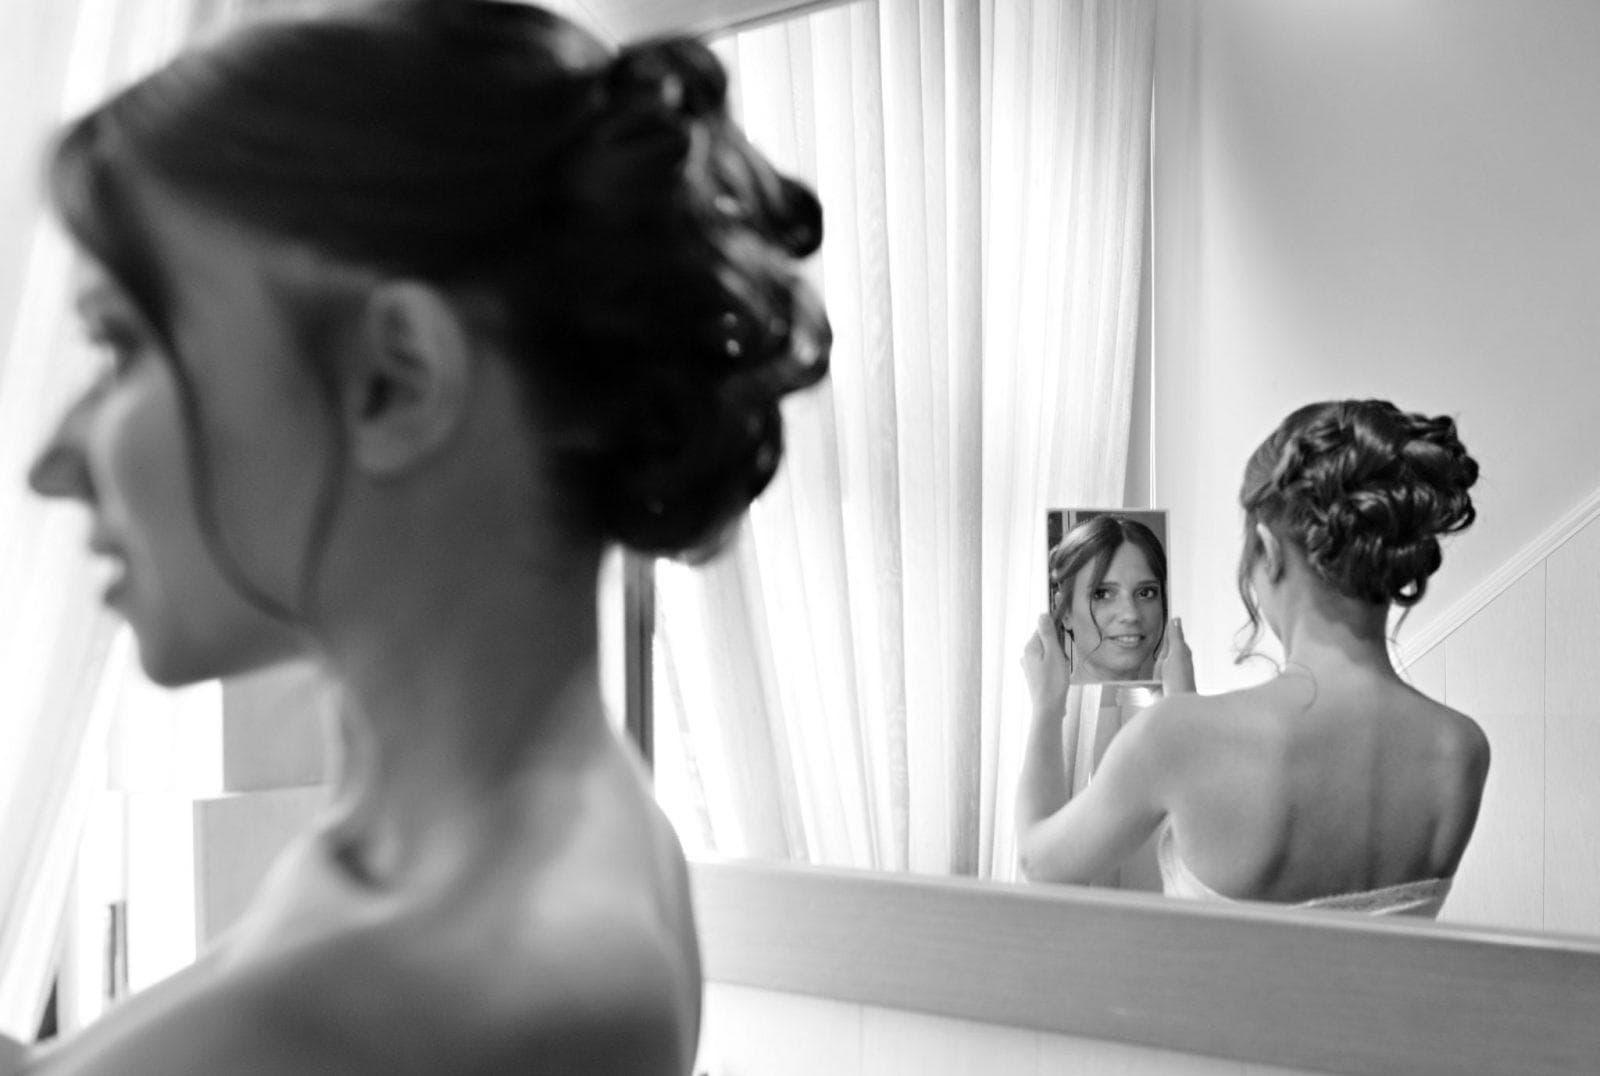 Gioco di specchi